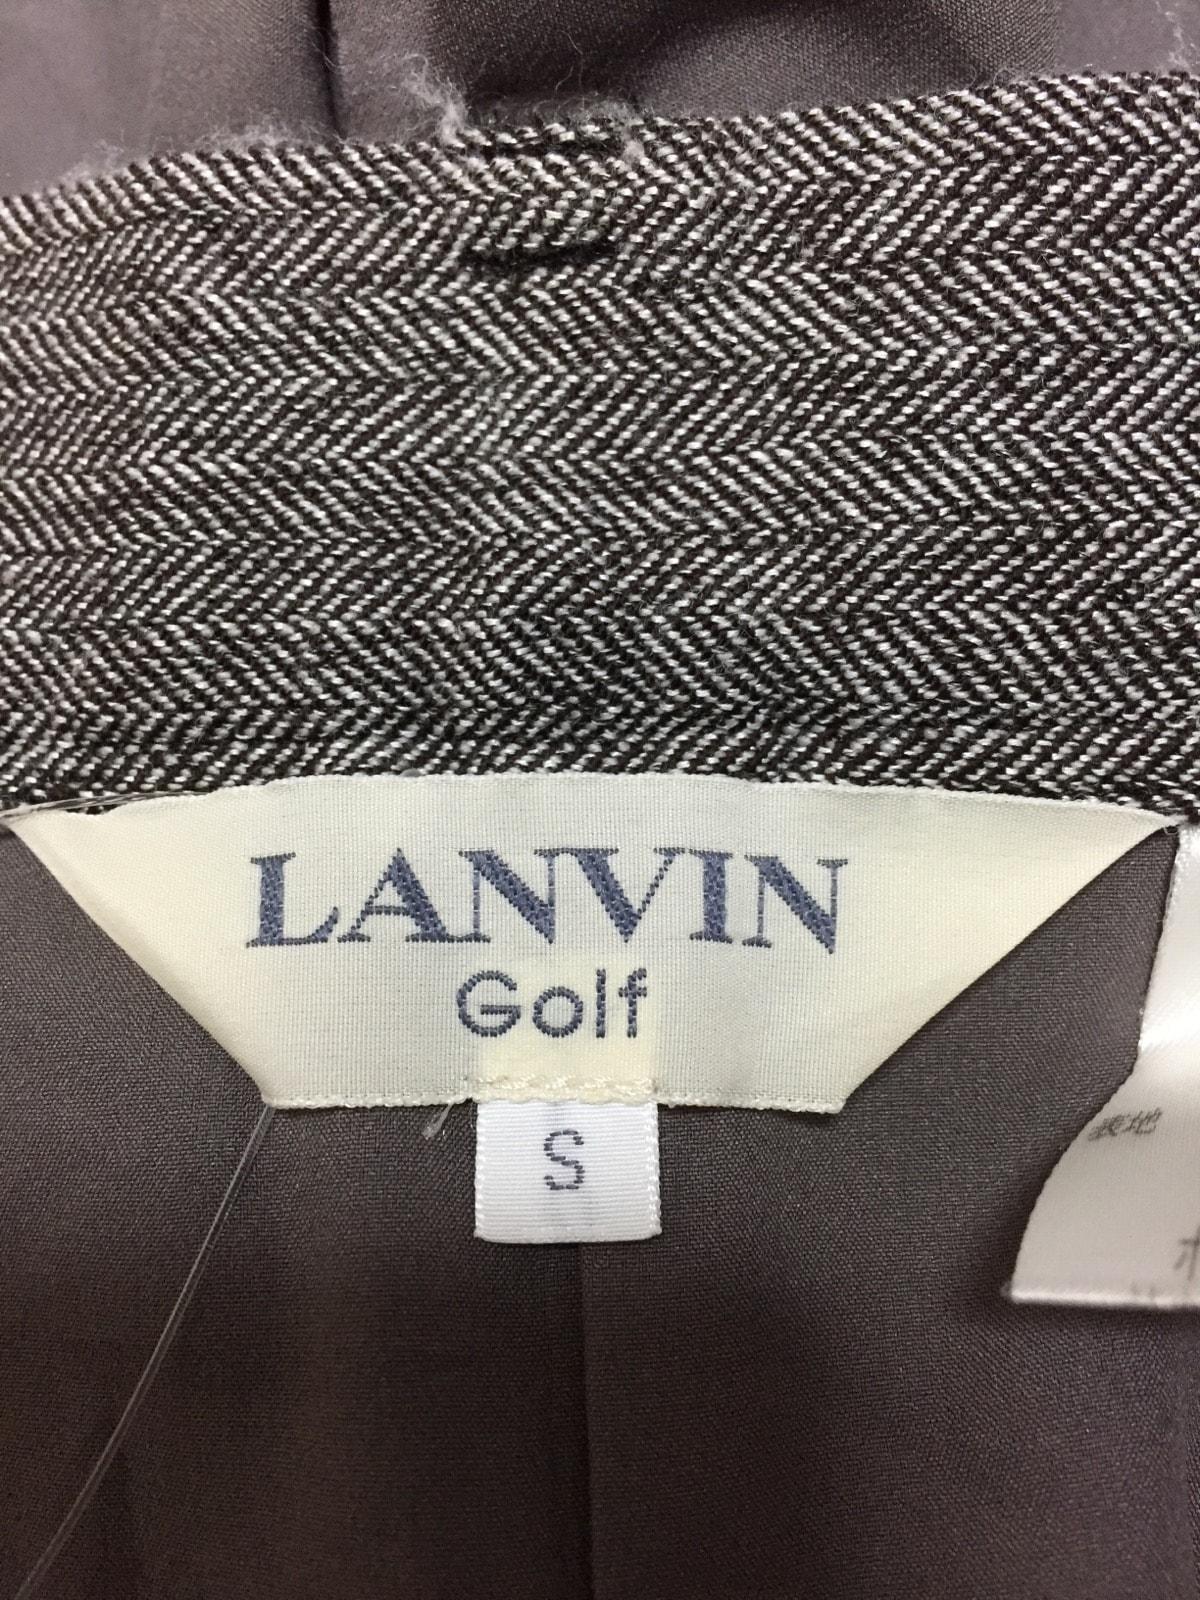 LANVIN(ランバン)のパンツ